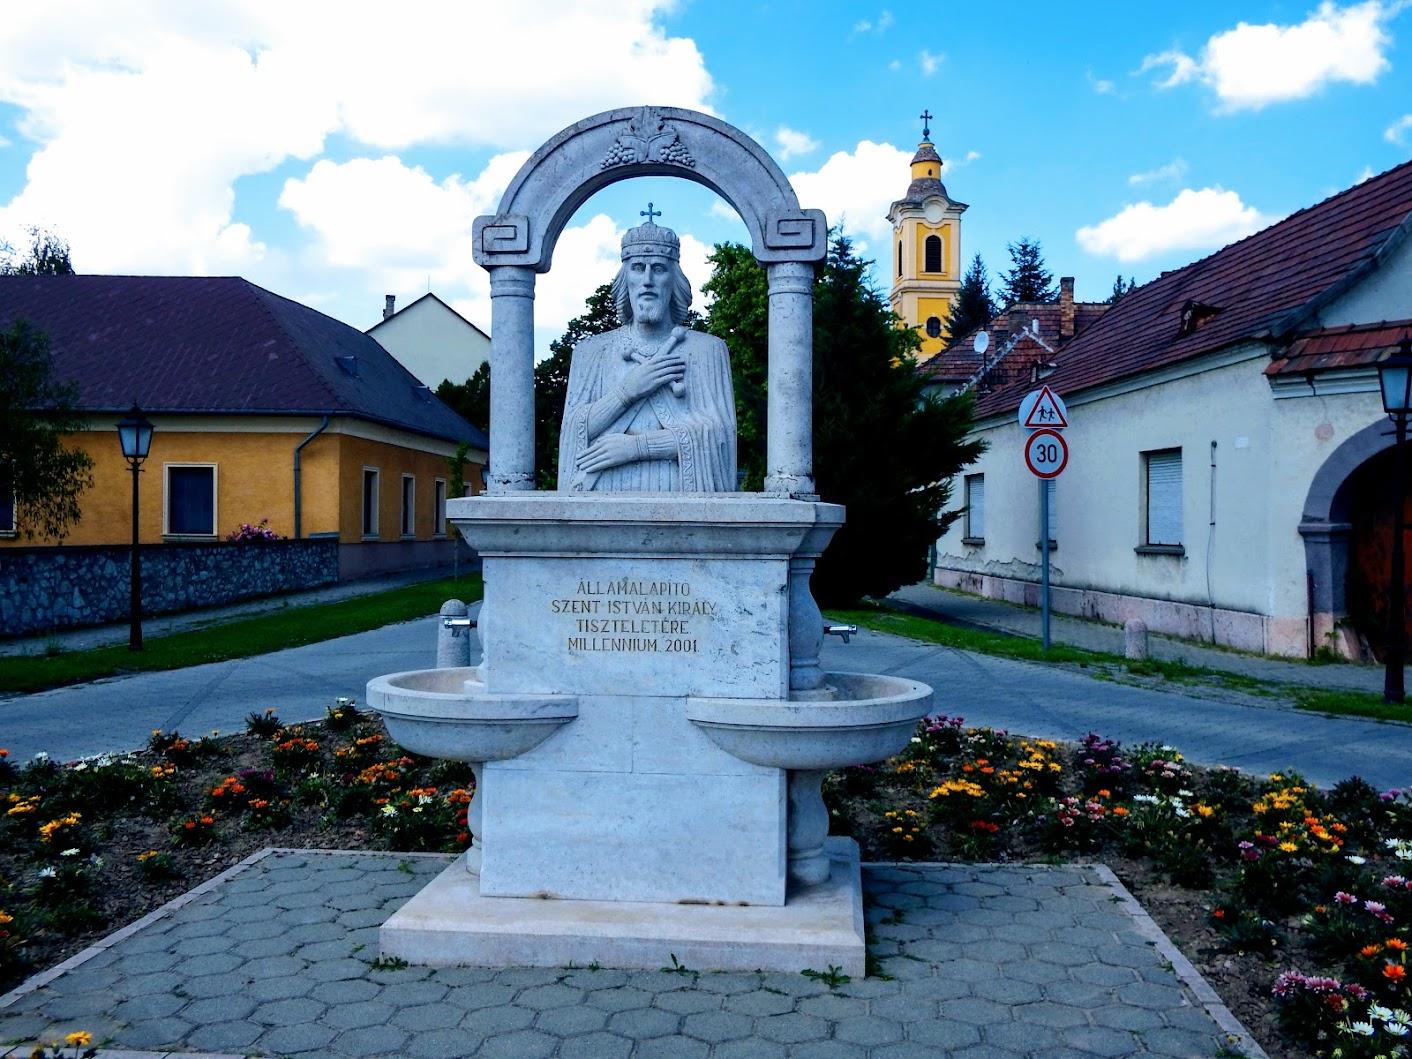 Süttő - Államalapitó Szent István a Templom téren